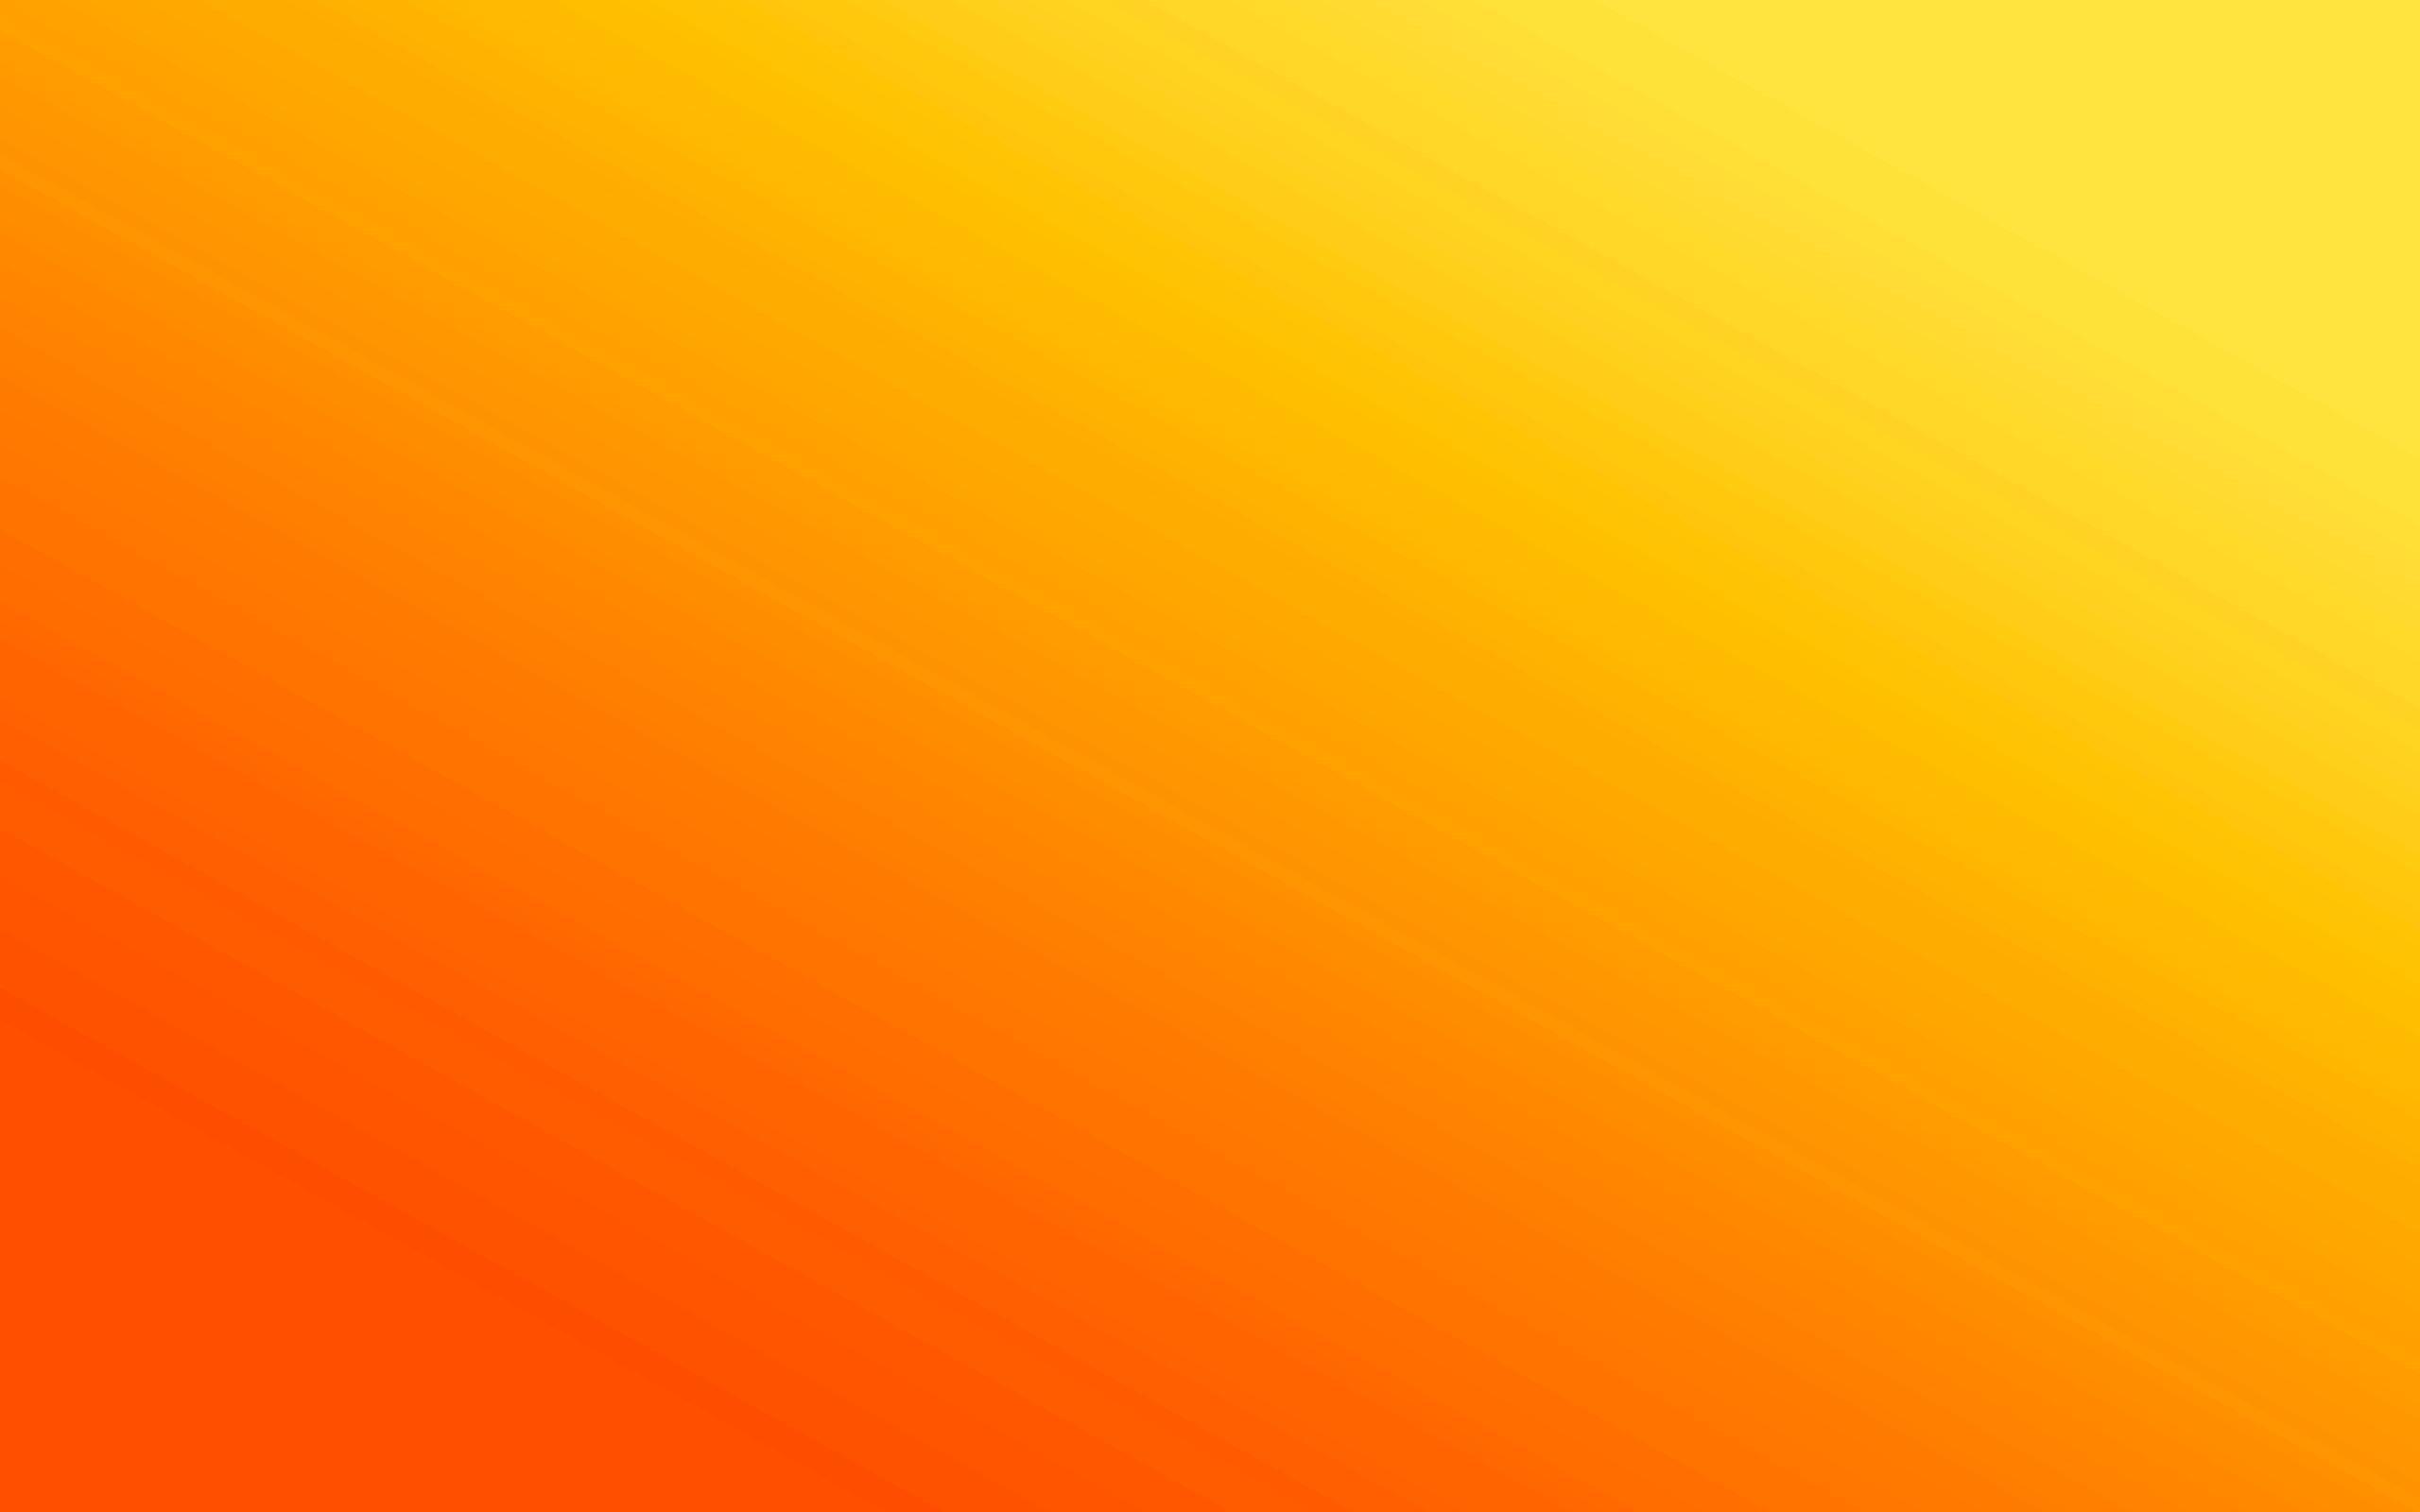 Hình nền chuyển màu vàng cam cực đẹp